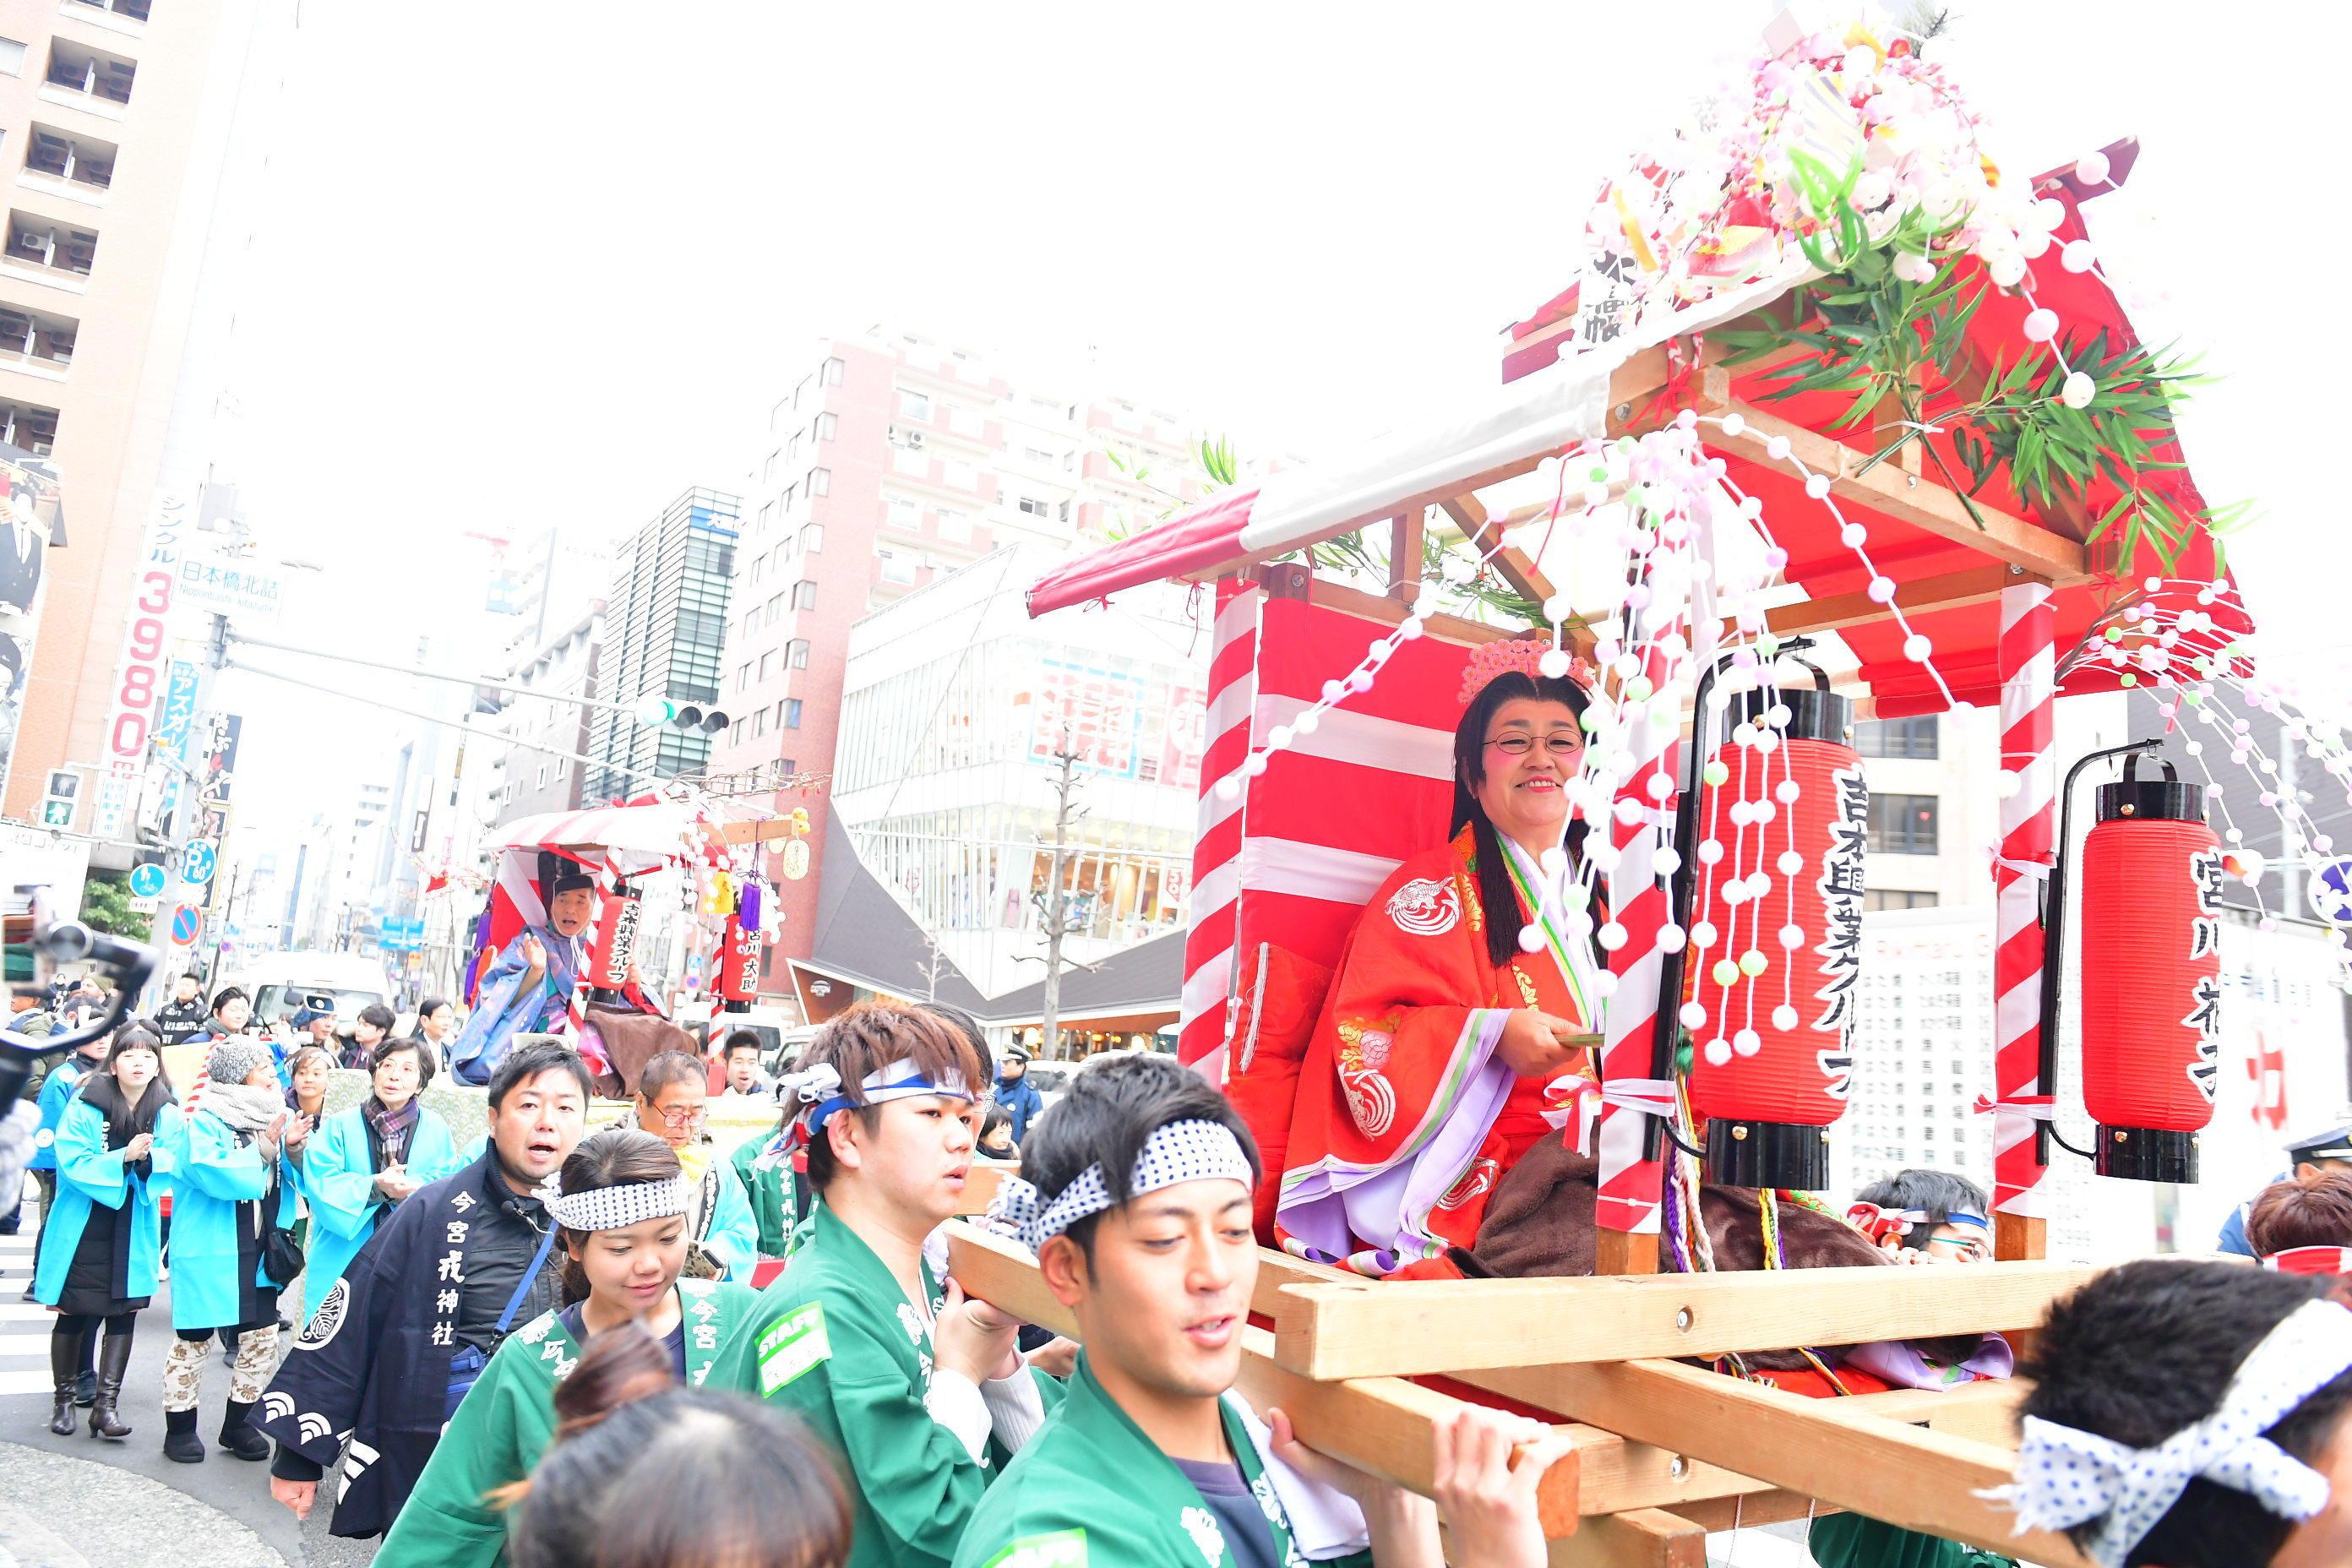 http://news.yoshimoto.co.jp/20180111084007-27e517d79d212af549bf4831d2decfef1d9783c9.jpg